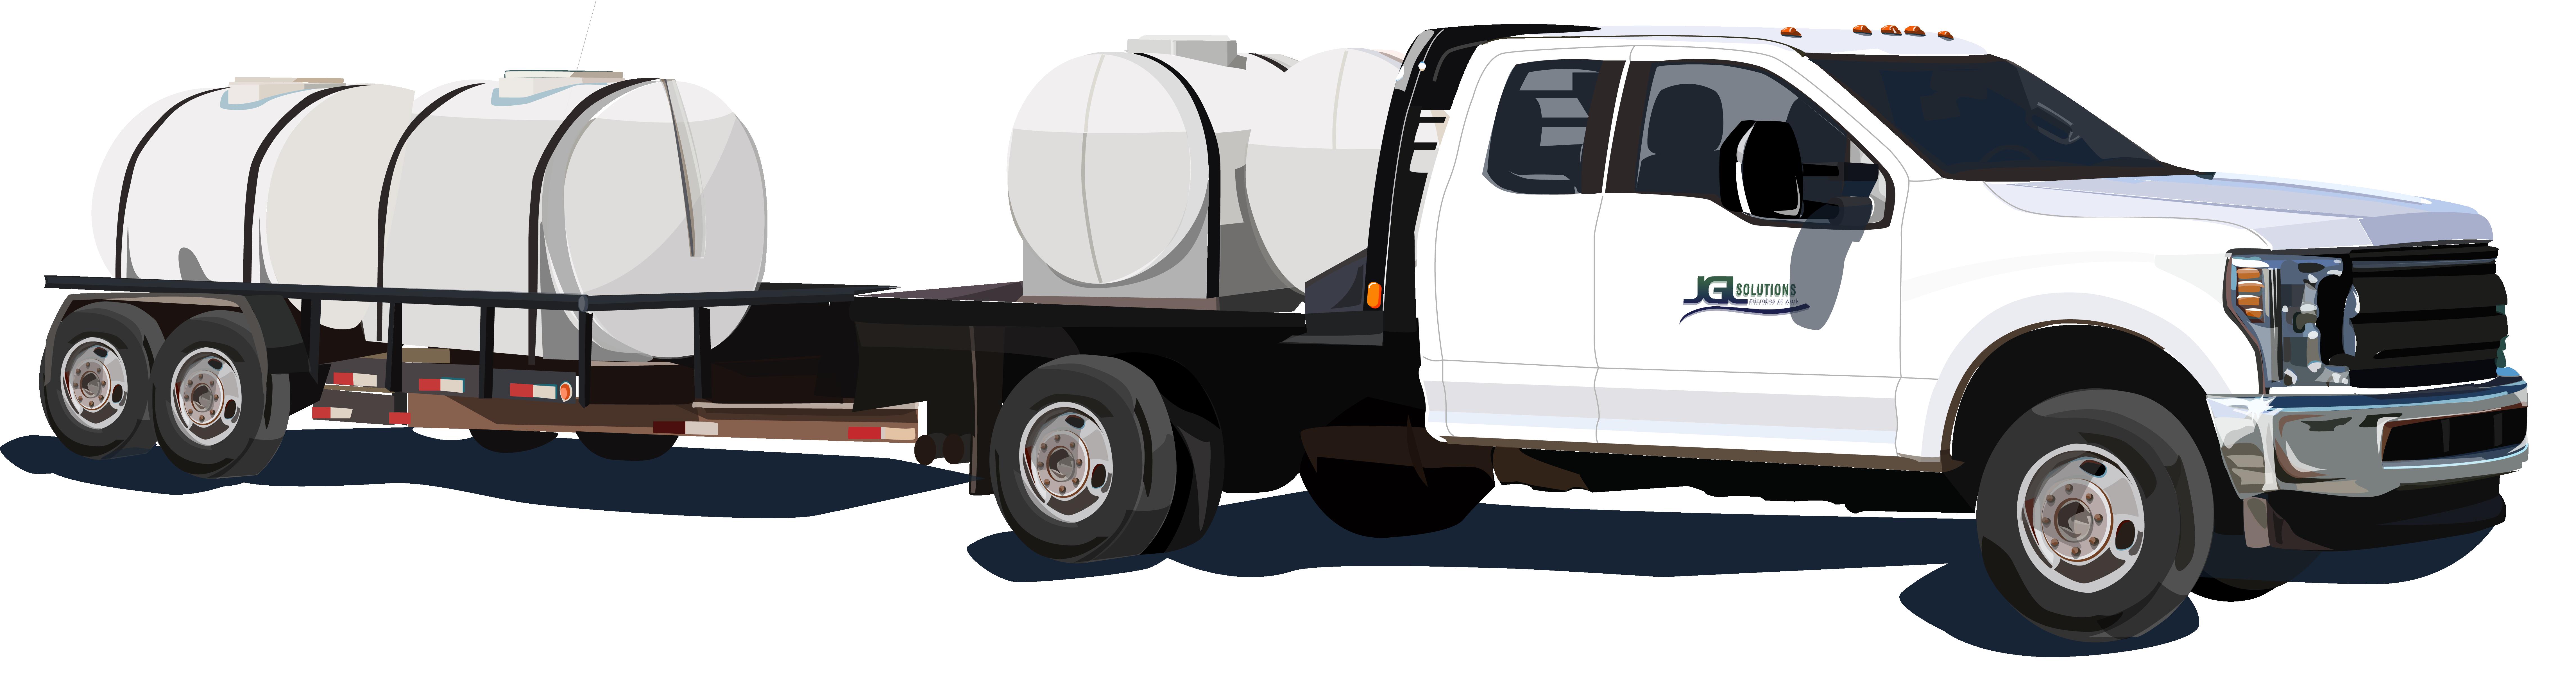 JGL's treatment truck.